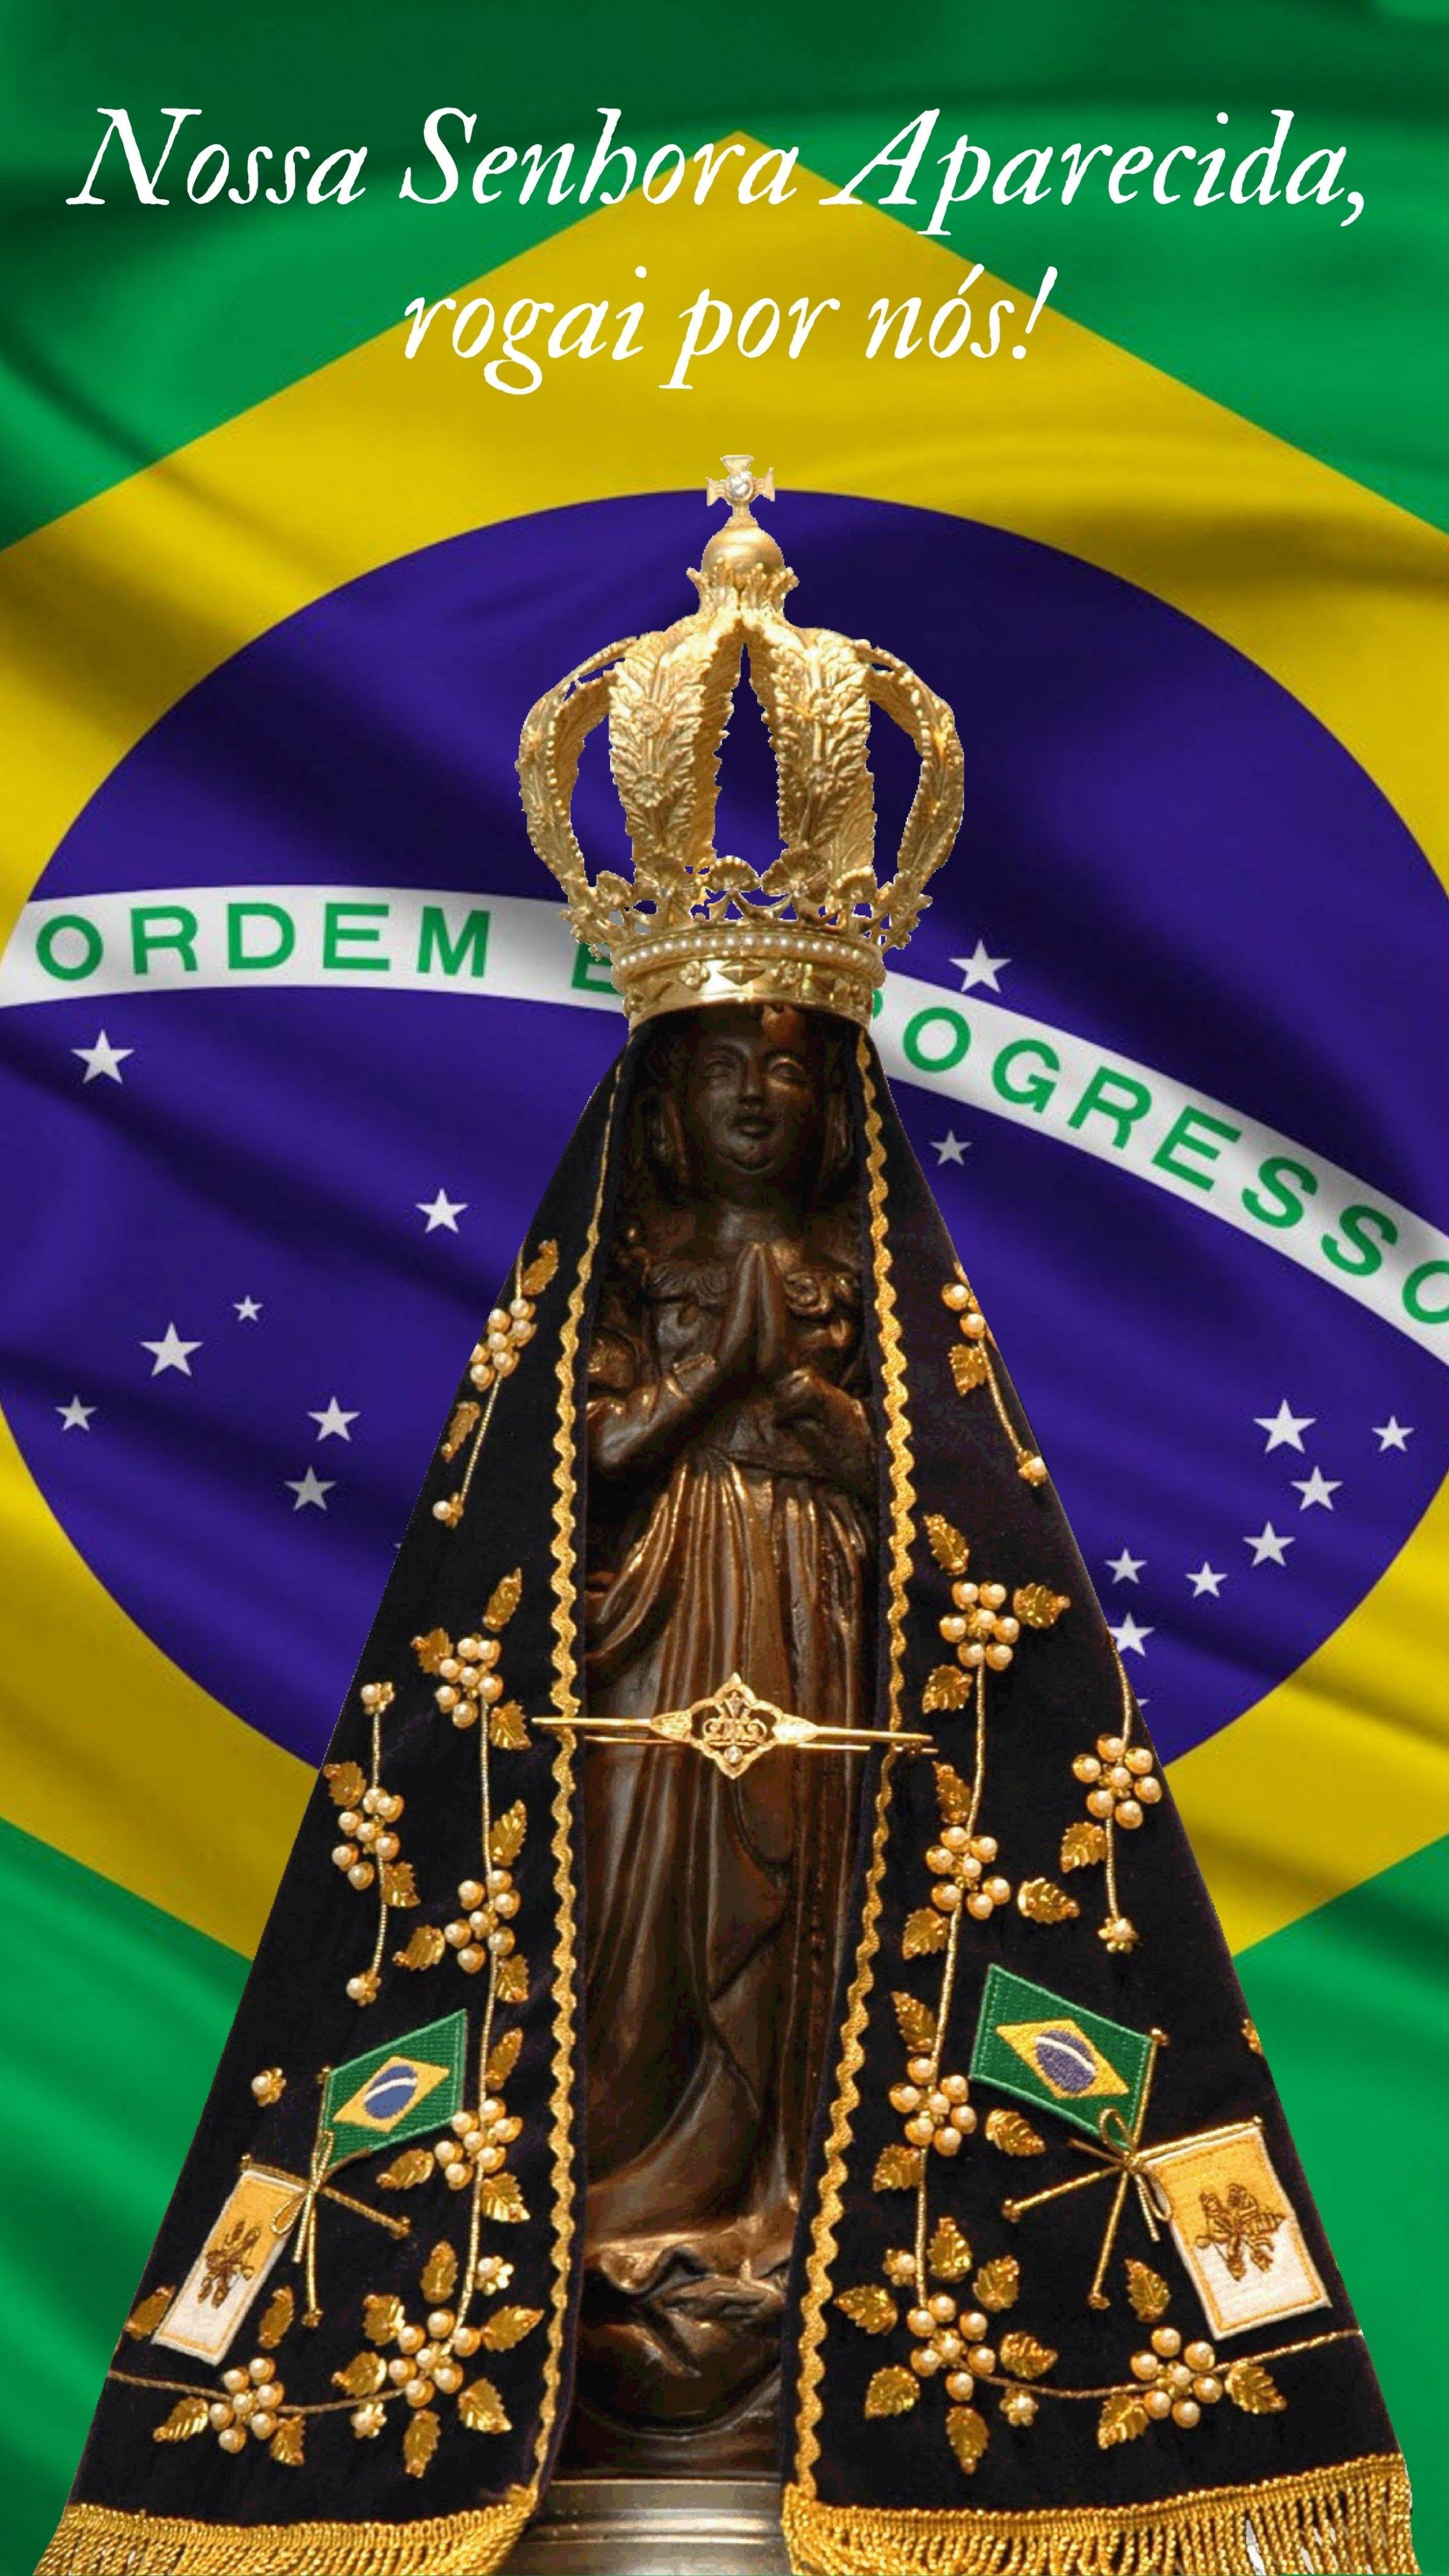 Nossa Senhora Aparecida com a bandeira do Brasil